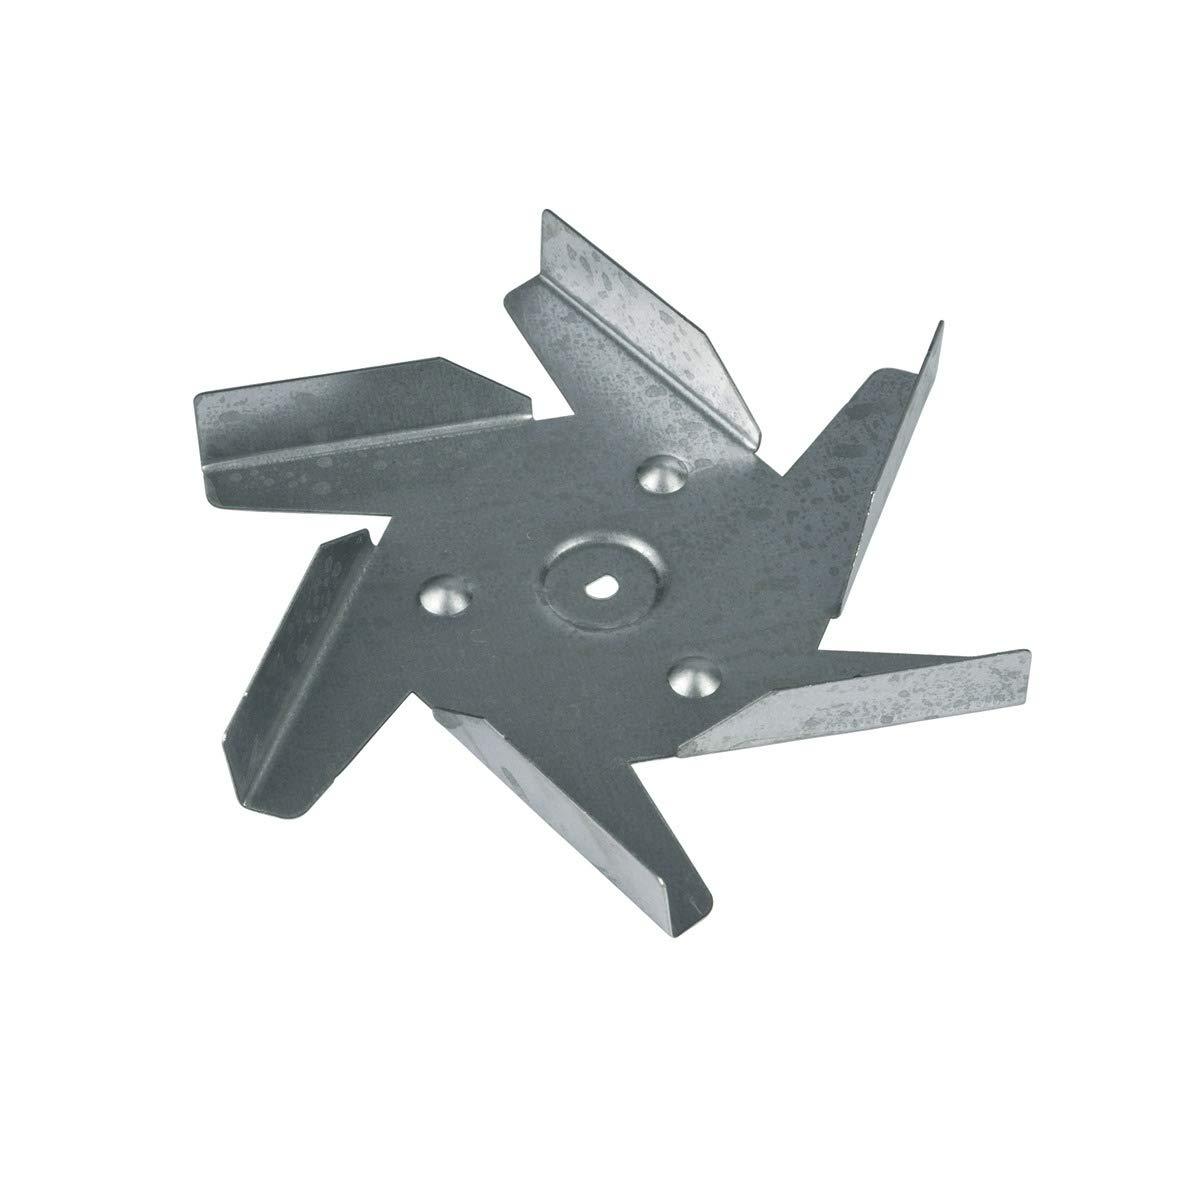 Flügel Heißluftherdventilator Backofen ORIGINAL Electrolux AEG 3878453210